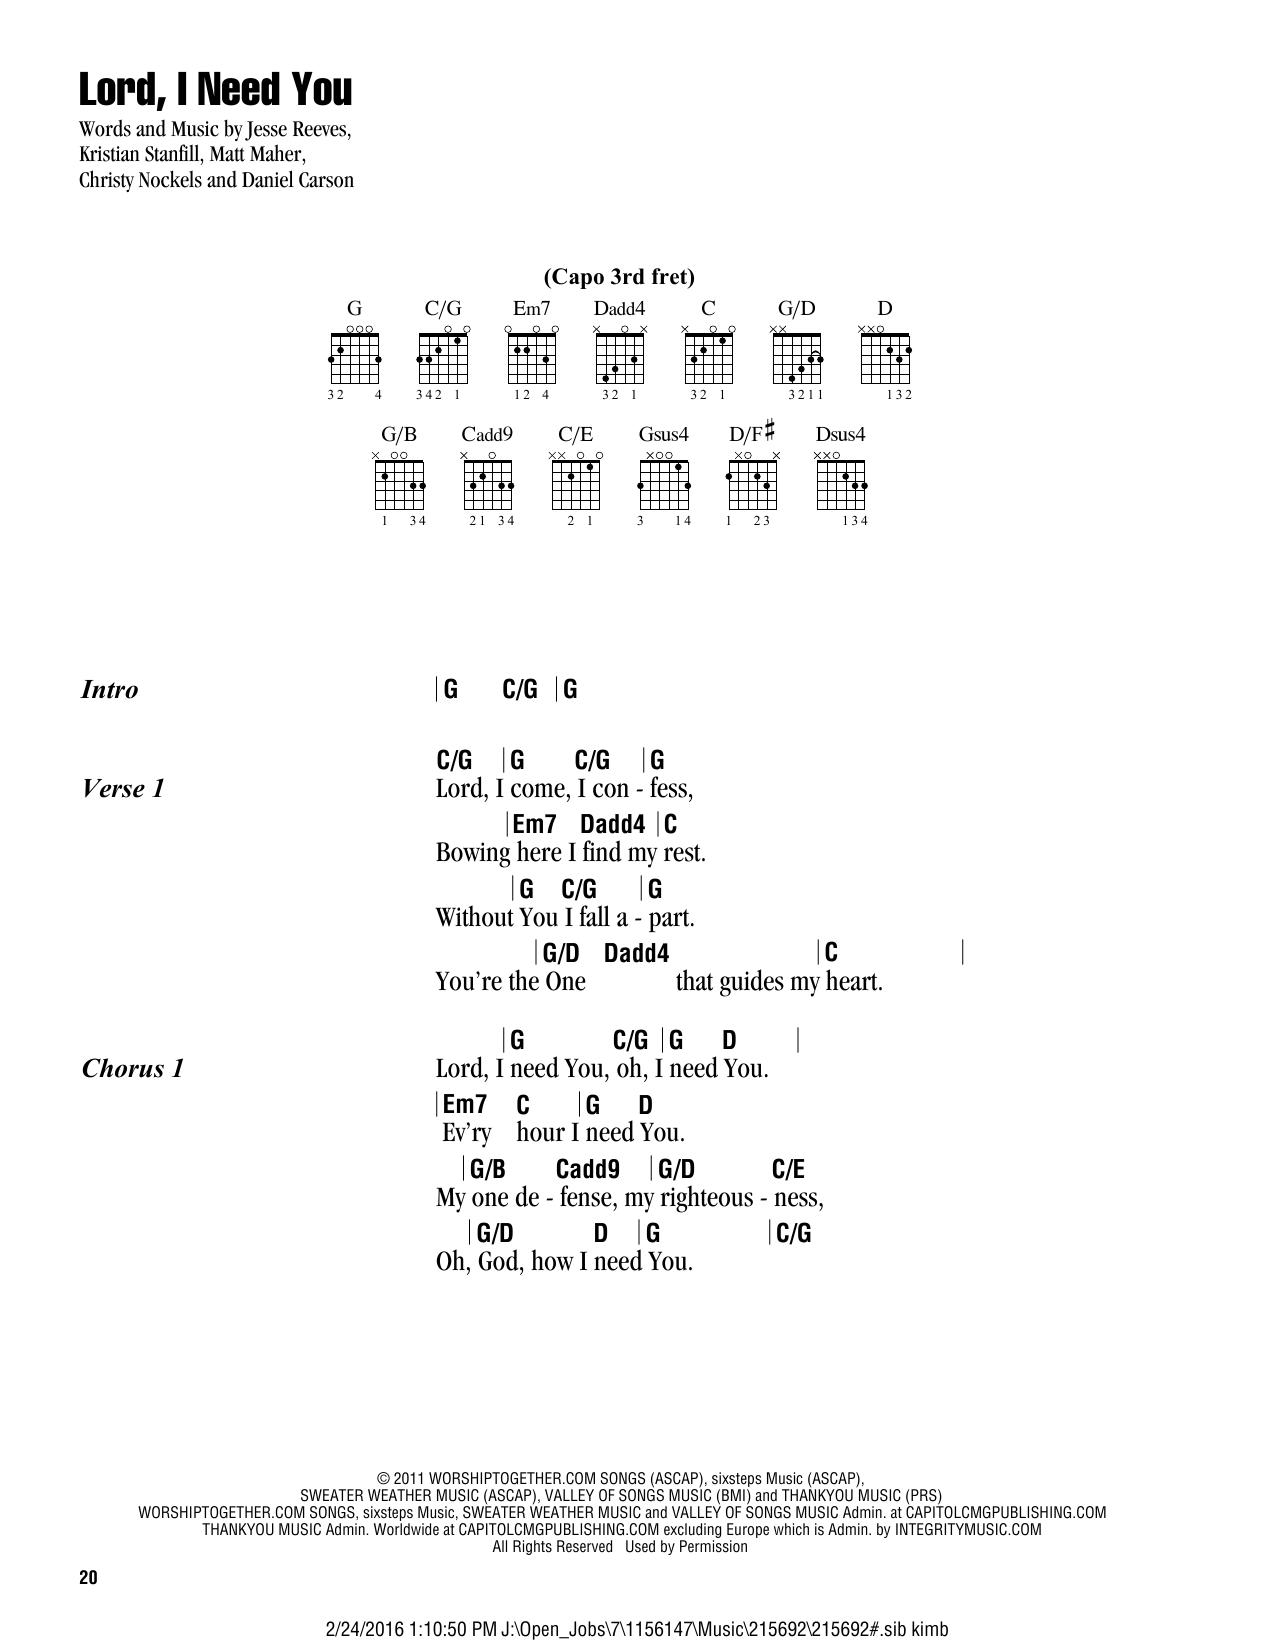 Sheet Music Digital Files To Print Licensed Jesse Reeves Digital